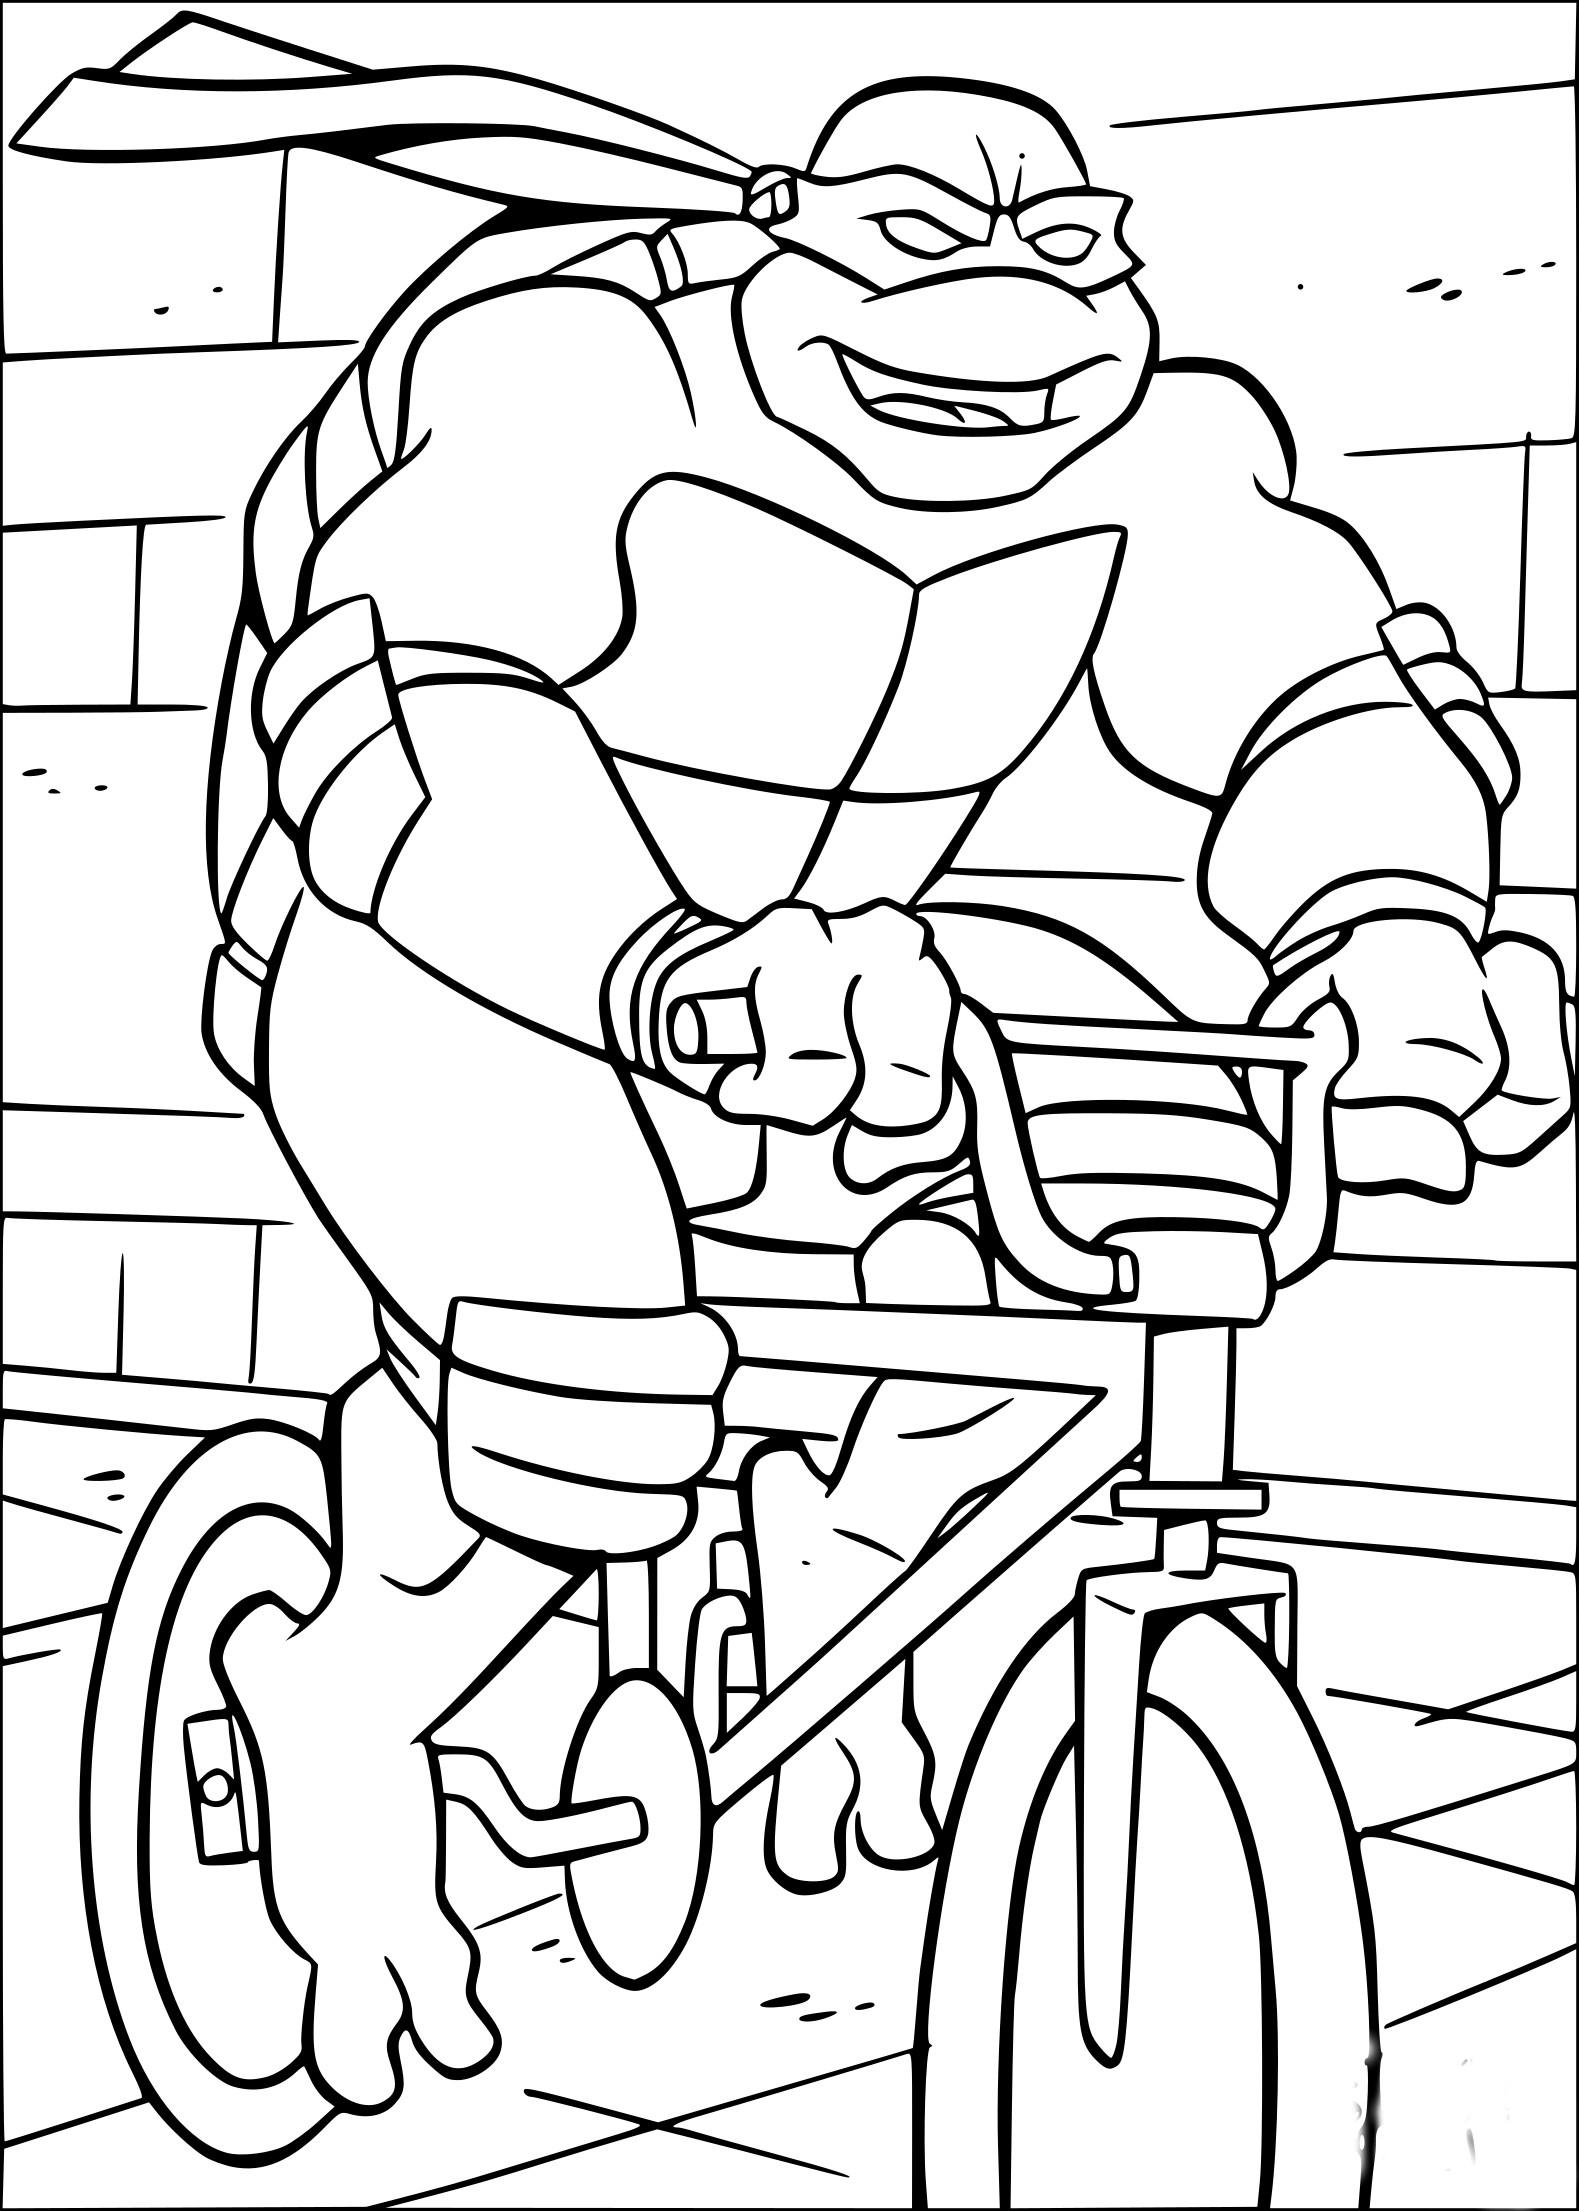 Coloriage Tortue Ninja en vélo à imprimer sur COLORIAGES .info